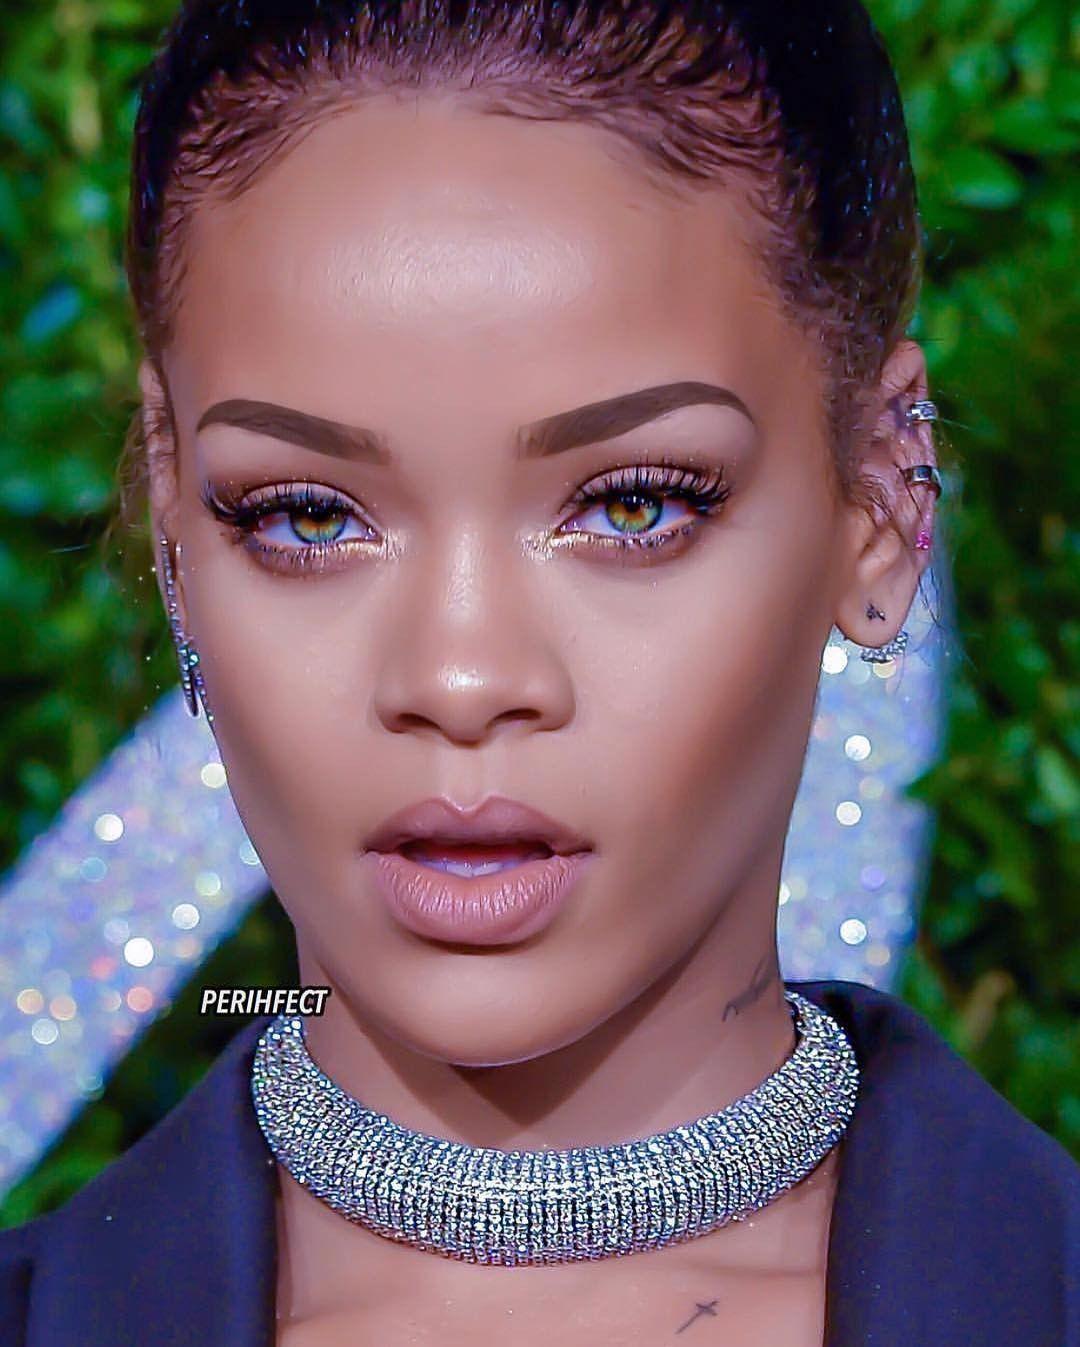 Pin By N A On Rihanna Life Goals In 2020 Rihanna Makeup Rihanna Gorgeous Makeup